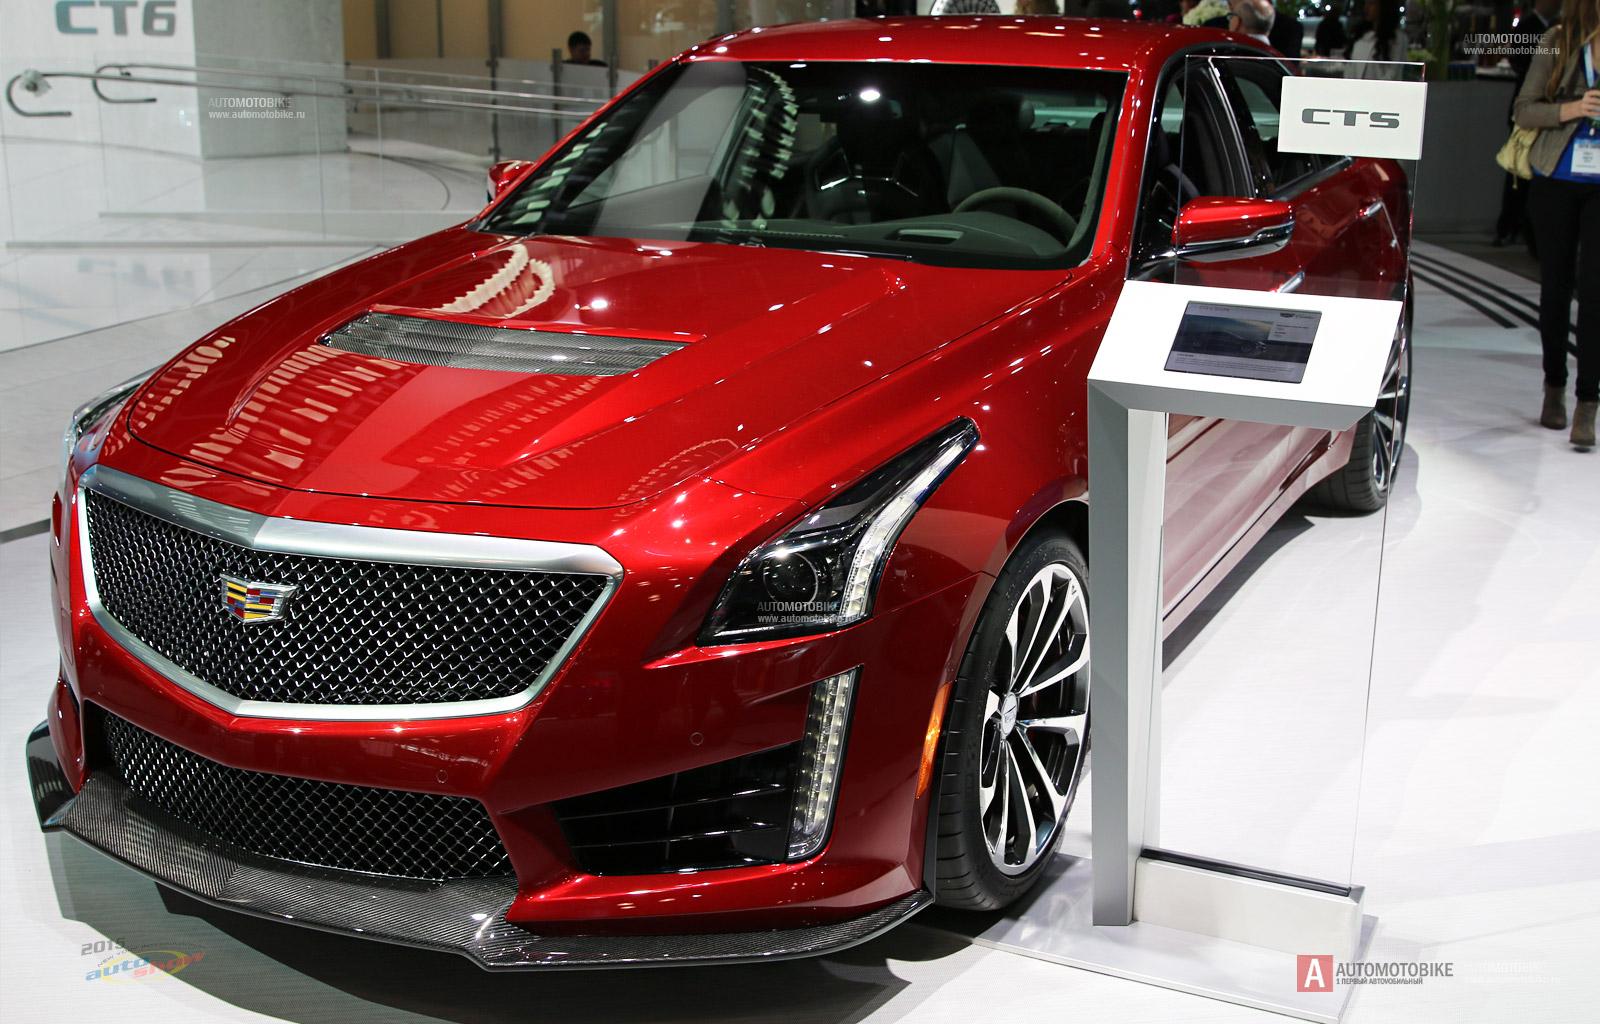 «Заряженный» седан Cadillac CTS-V 2016 обзор нового Кадиллака ЦТС-В от Автомотобайк ру